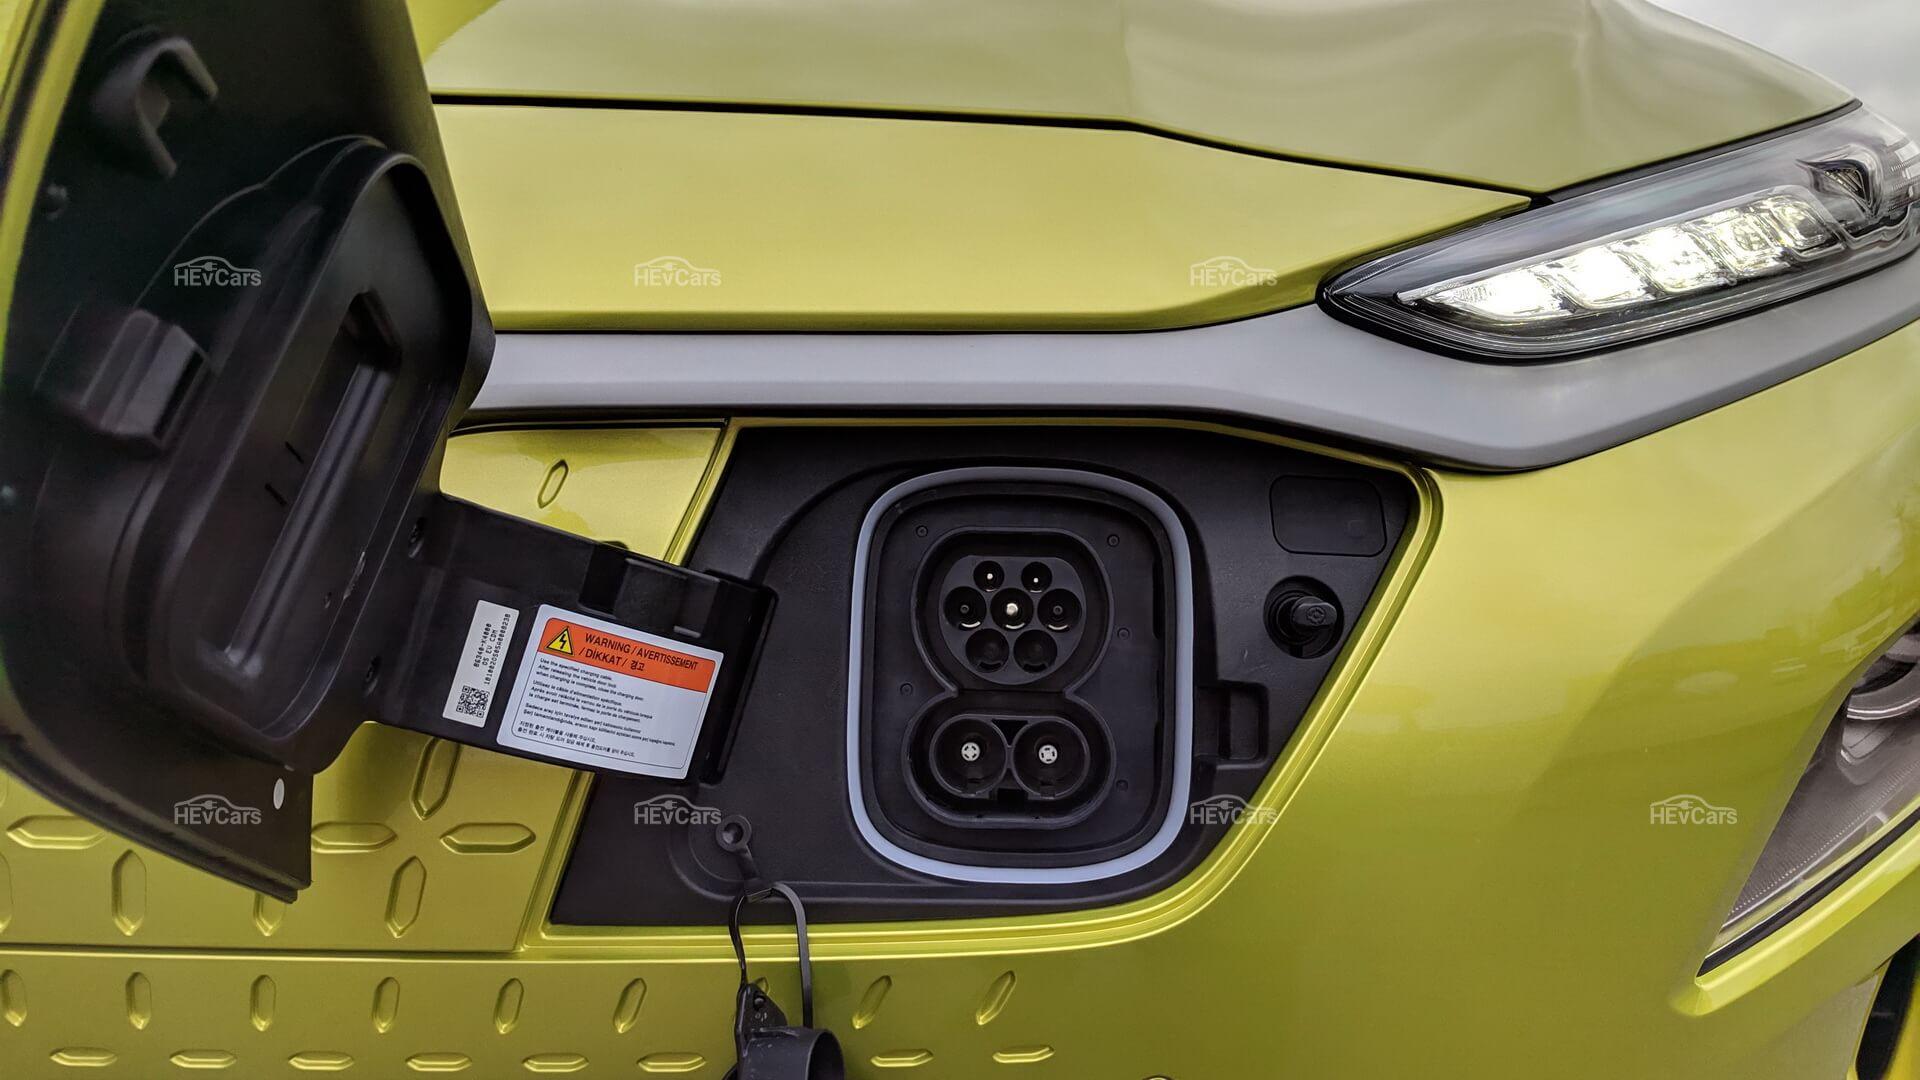 Порт для зарядки CCS Combo 2 в европейской версии Hyundai Kona Electric